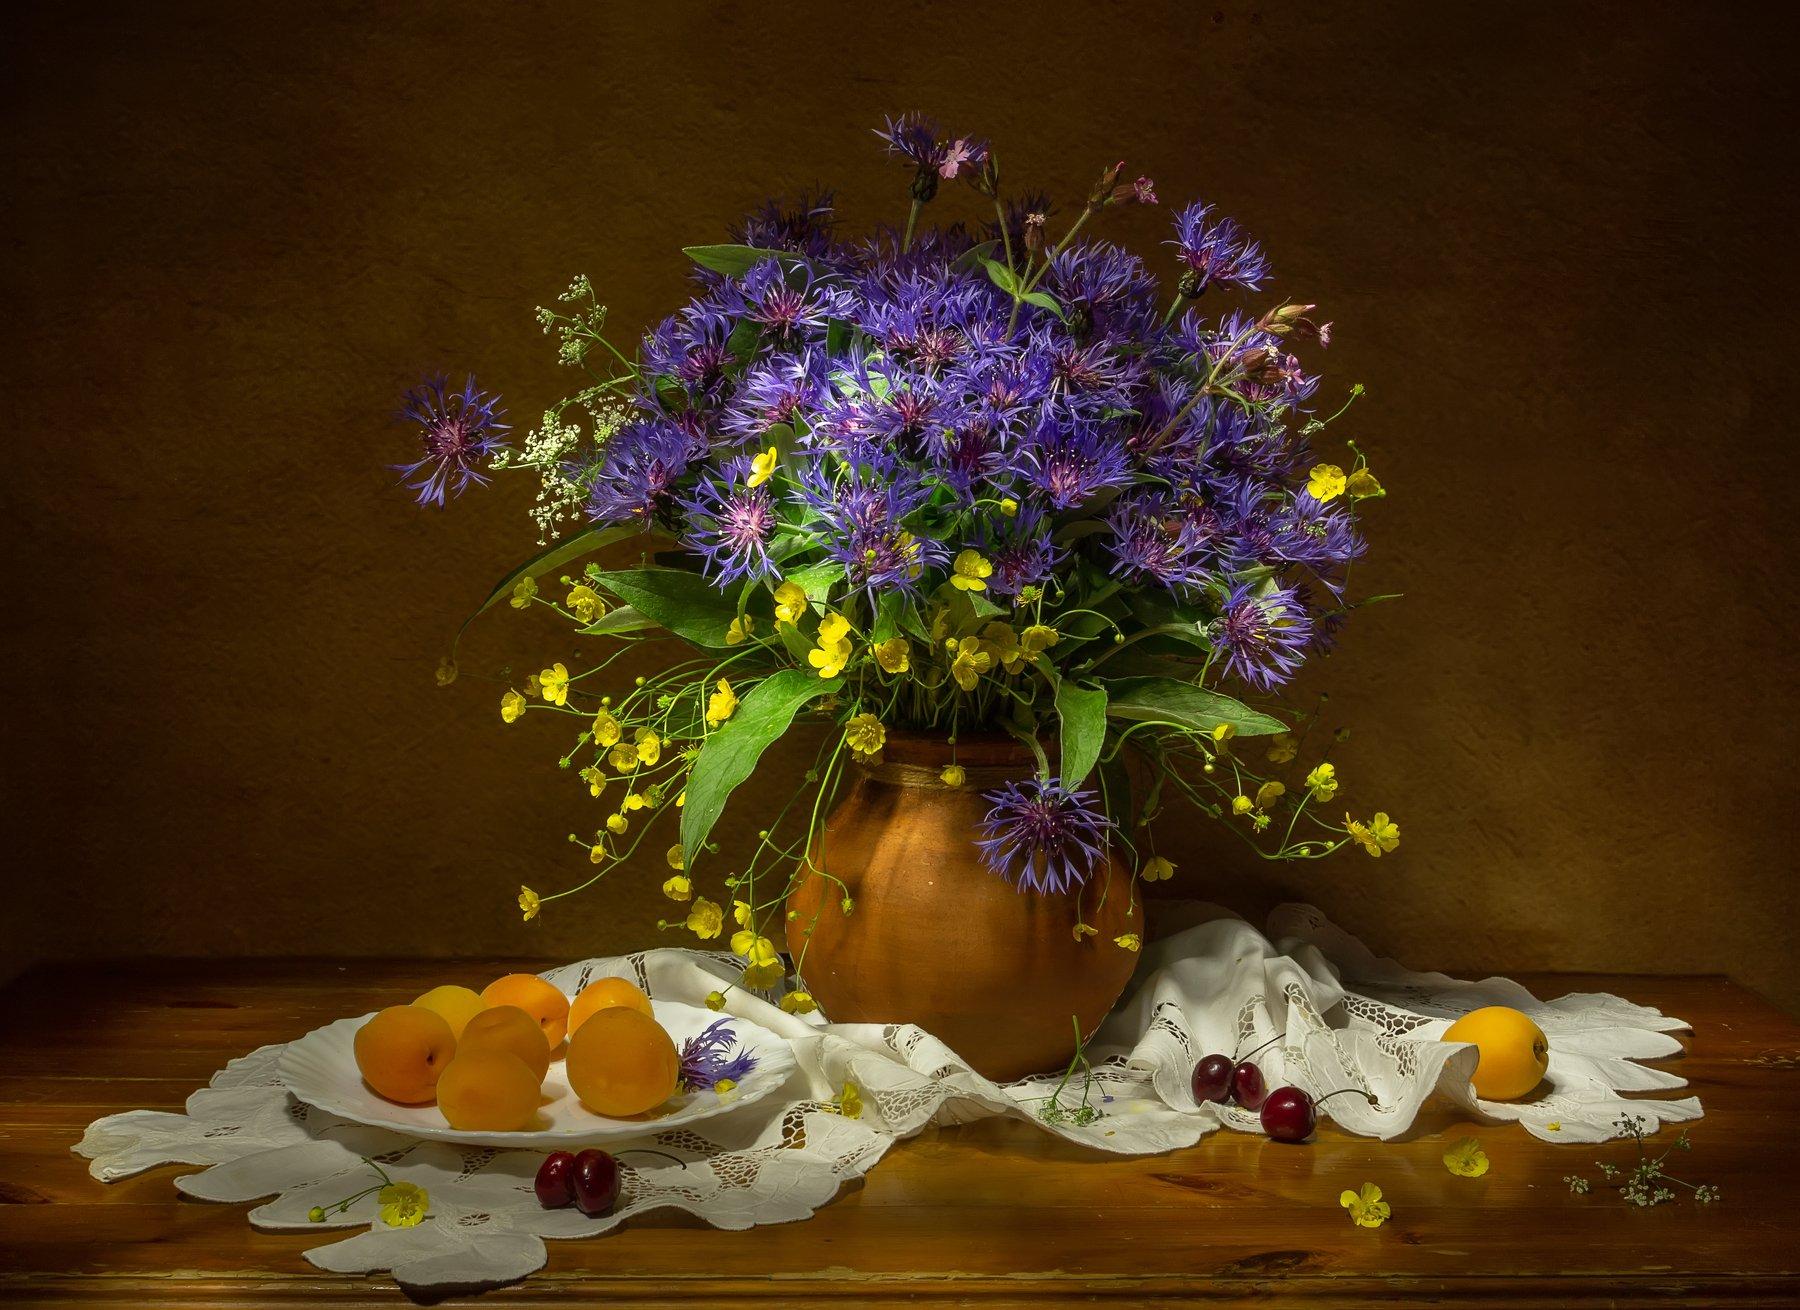 натюрморт, васильки, лютики, василек, лютик, абрикос, абрикосы,  Татьяна